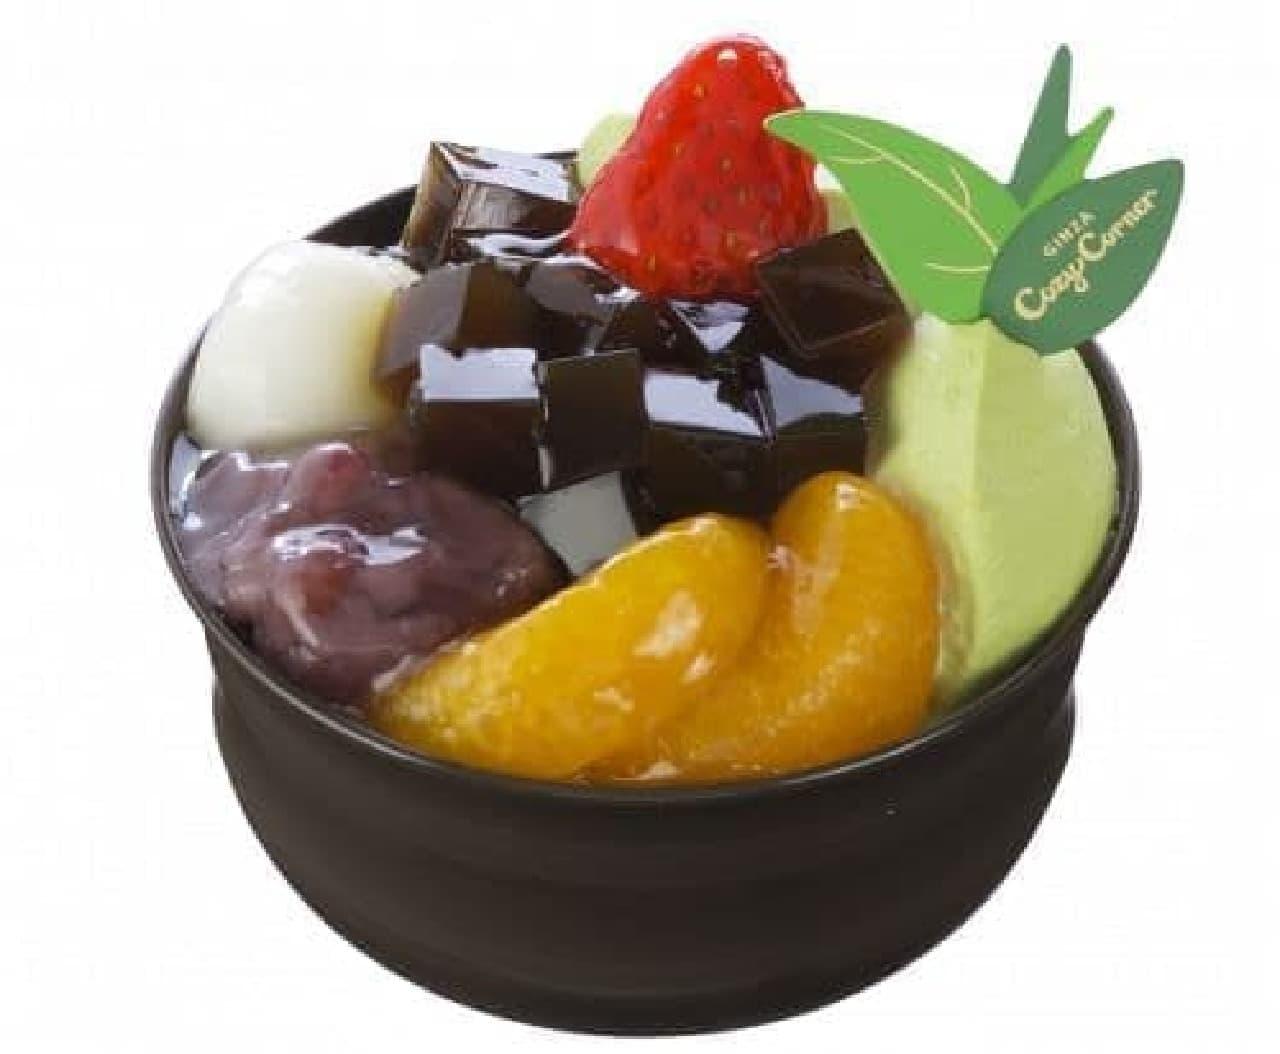 銀座コージーコーナー「抹茶とあずきの和パフェ」